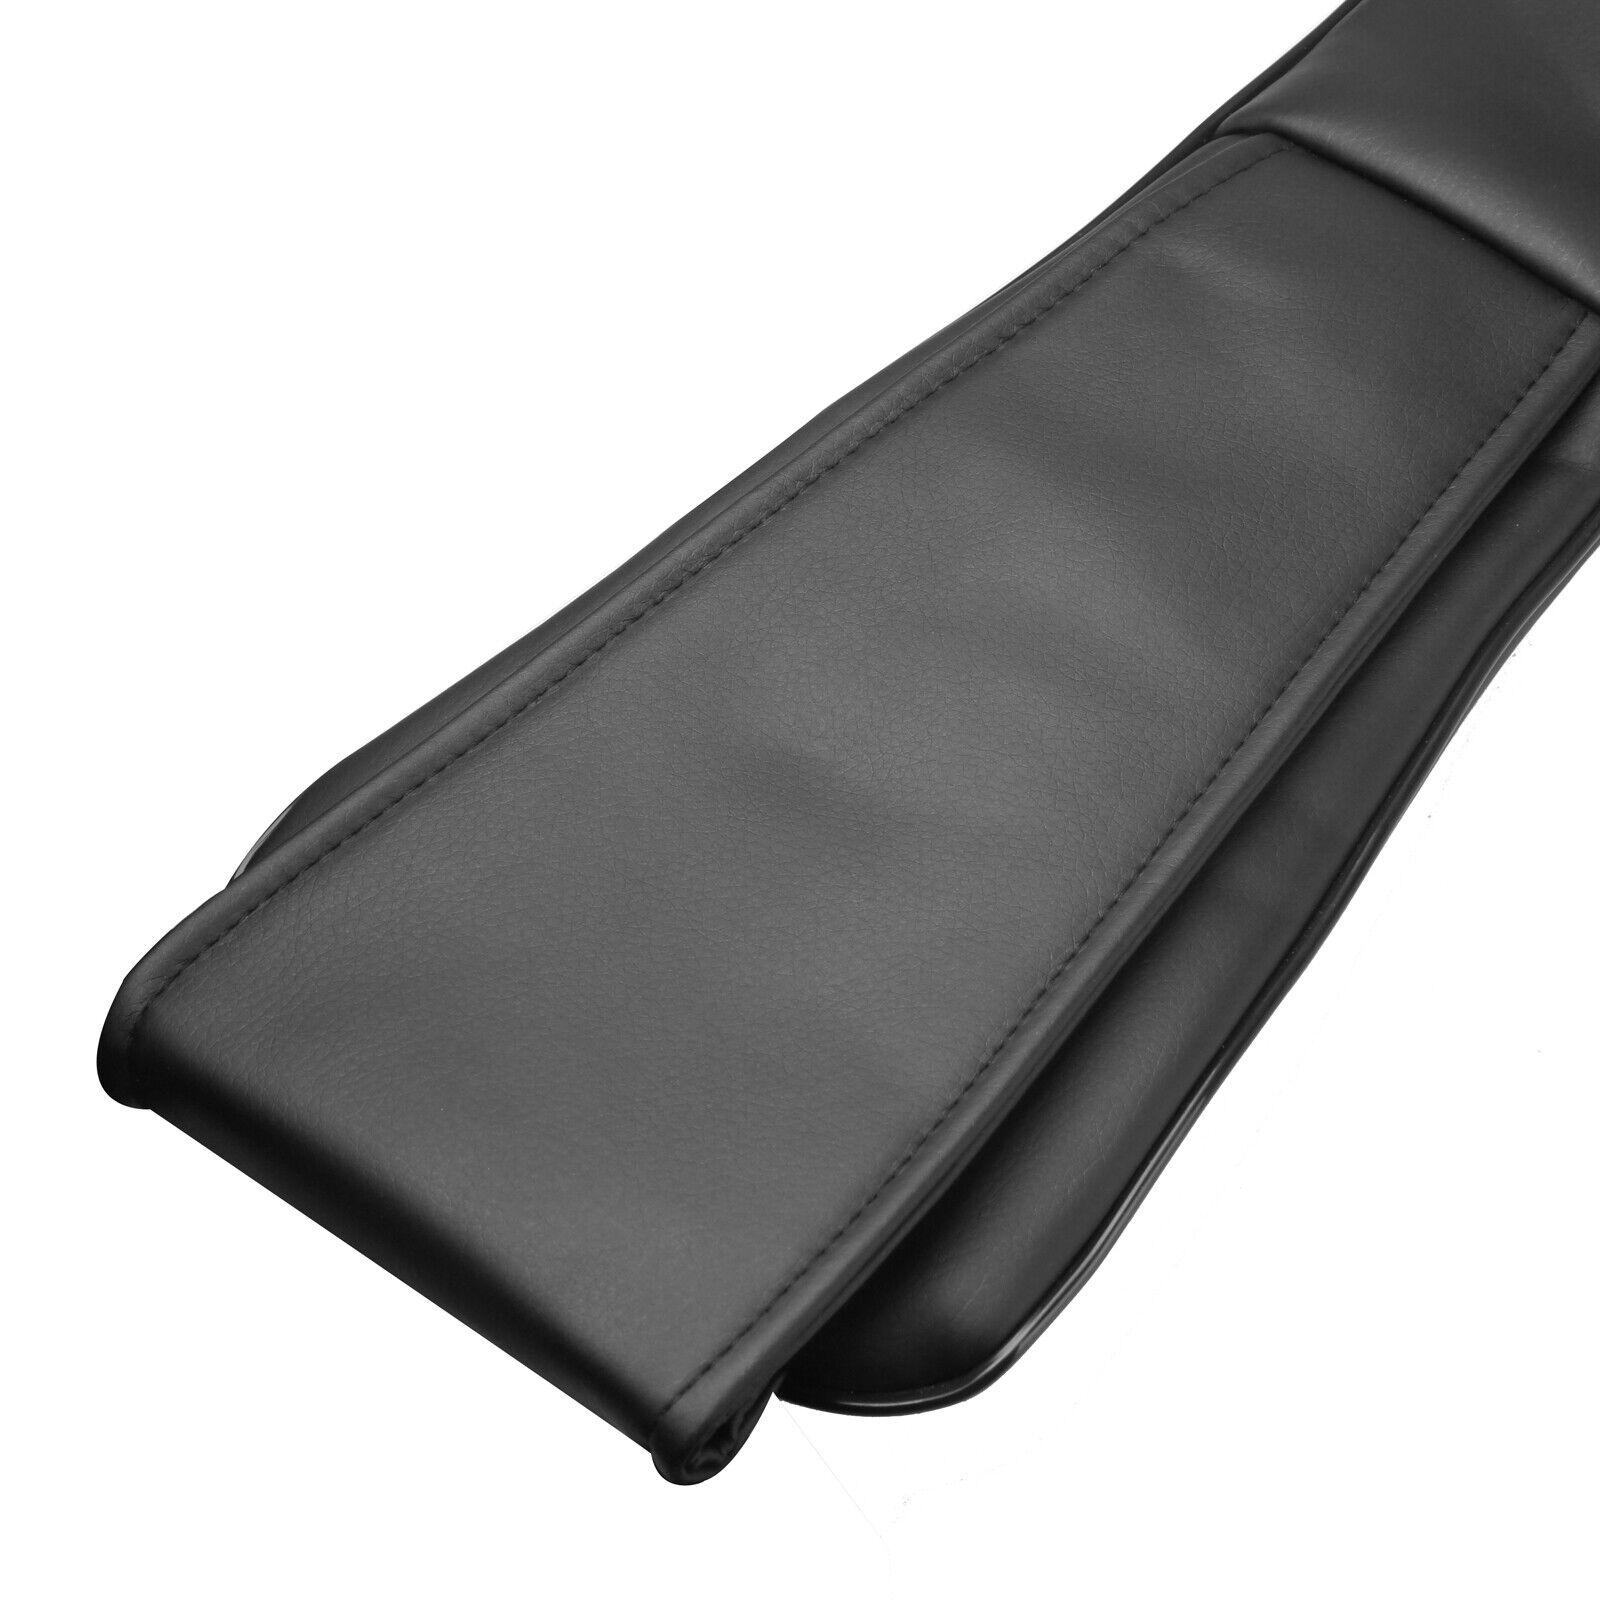 Массажеры для тела Массажист с тепловыми функциями шеи шеи на спине (Фото 6)